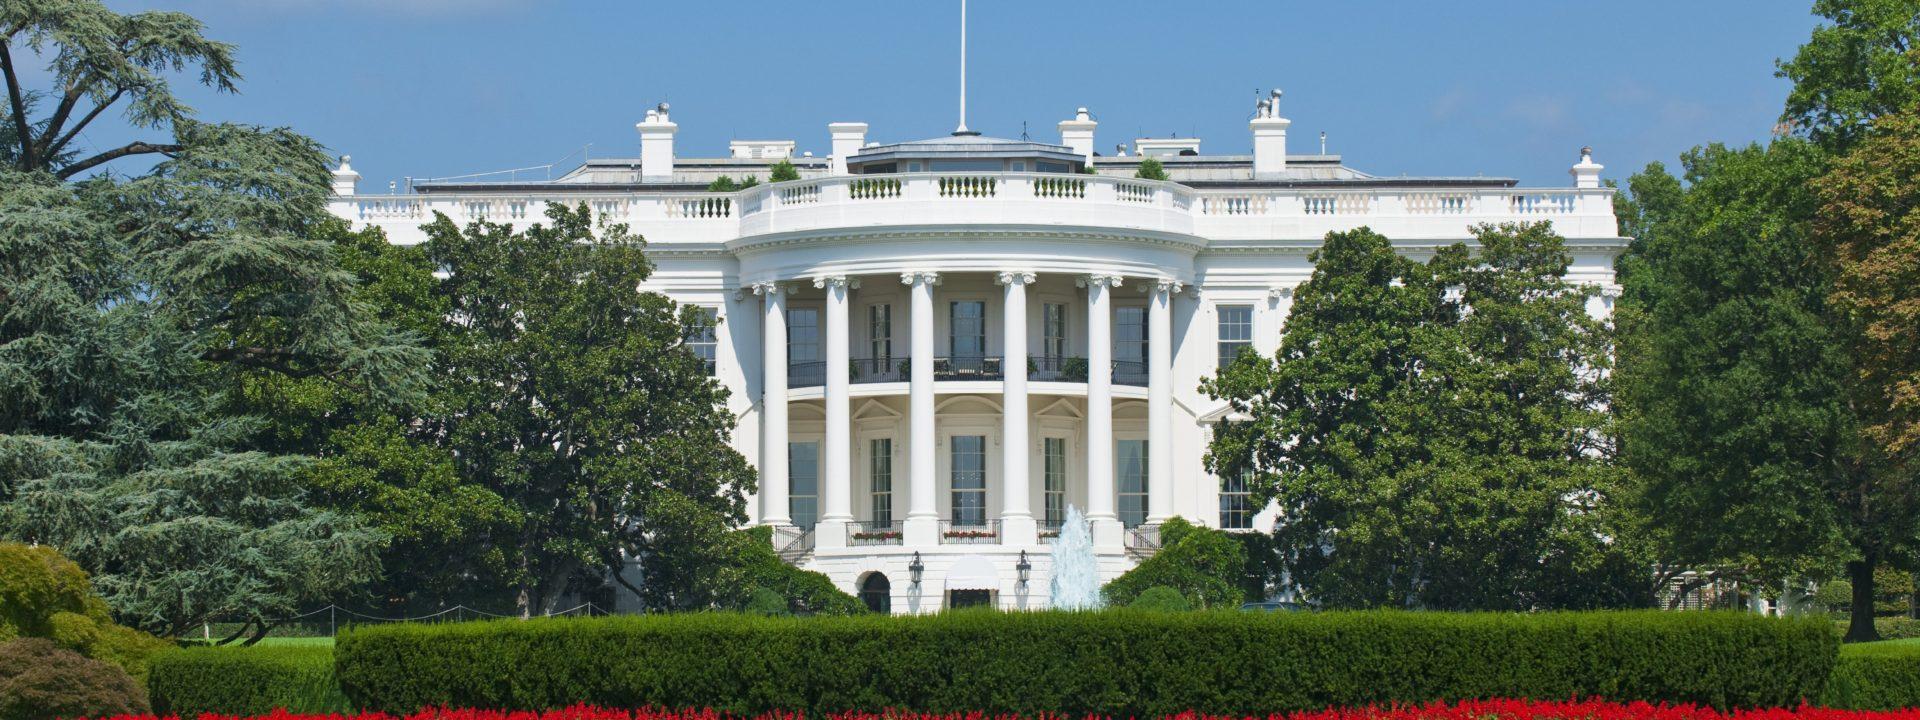 whitehousevalue-re-97765250-1920x720.jpg